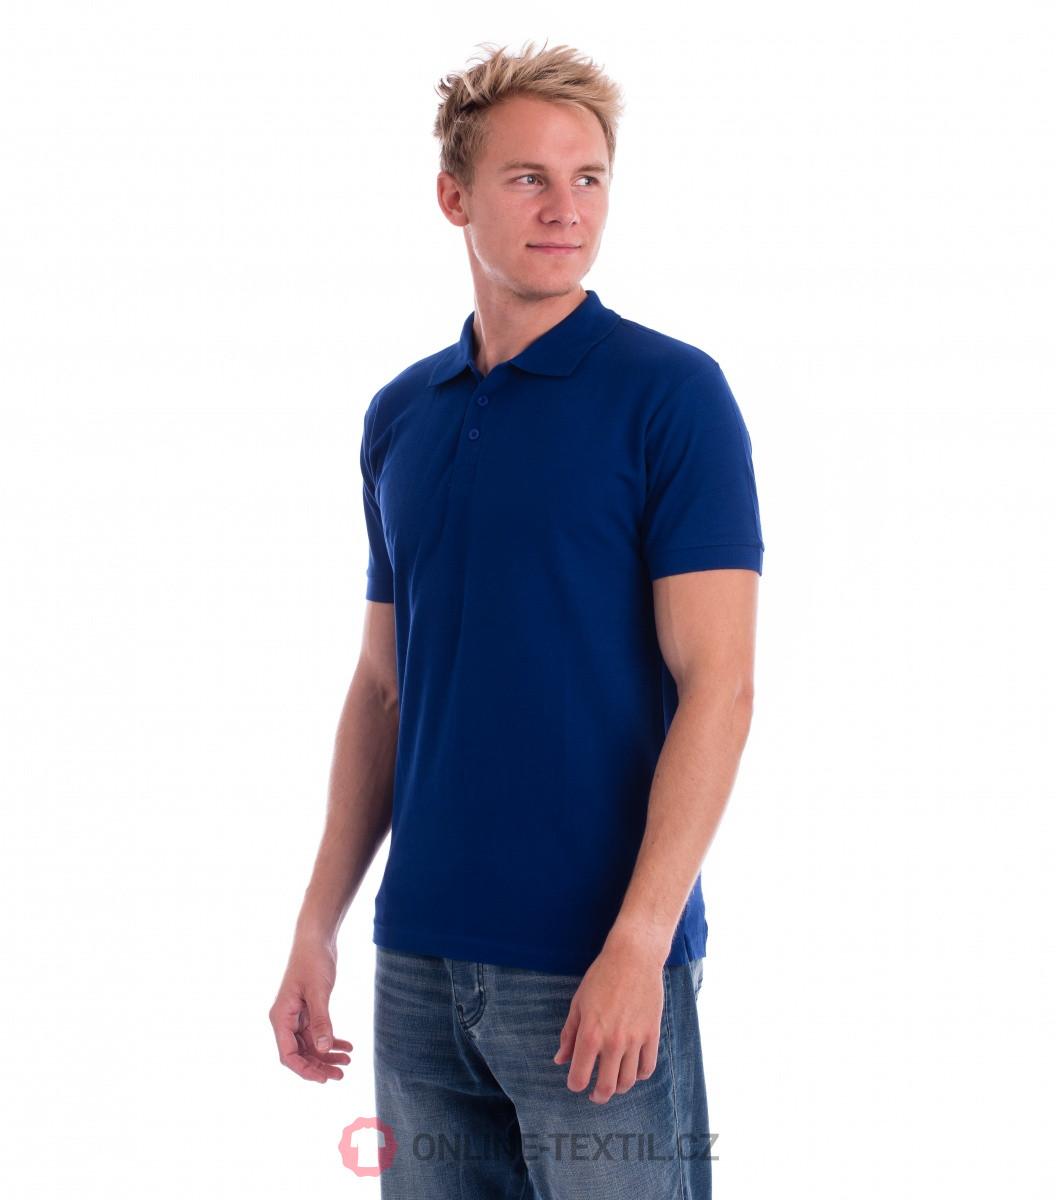 ADLER CZECH Bavlněná pánská polokošile Cotton 212 - královská modrá ... d70a20809c